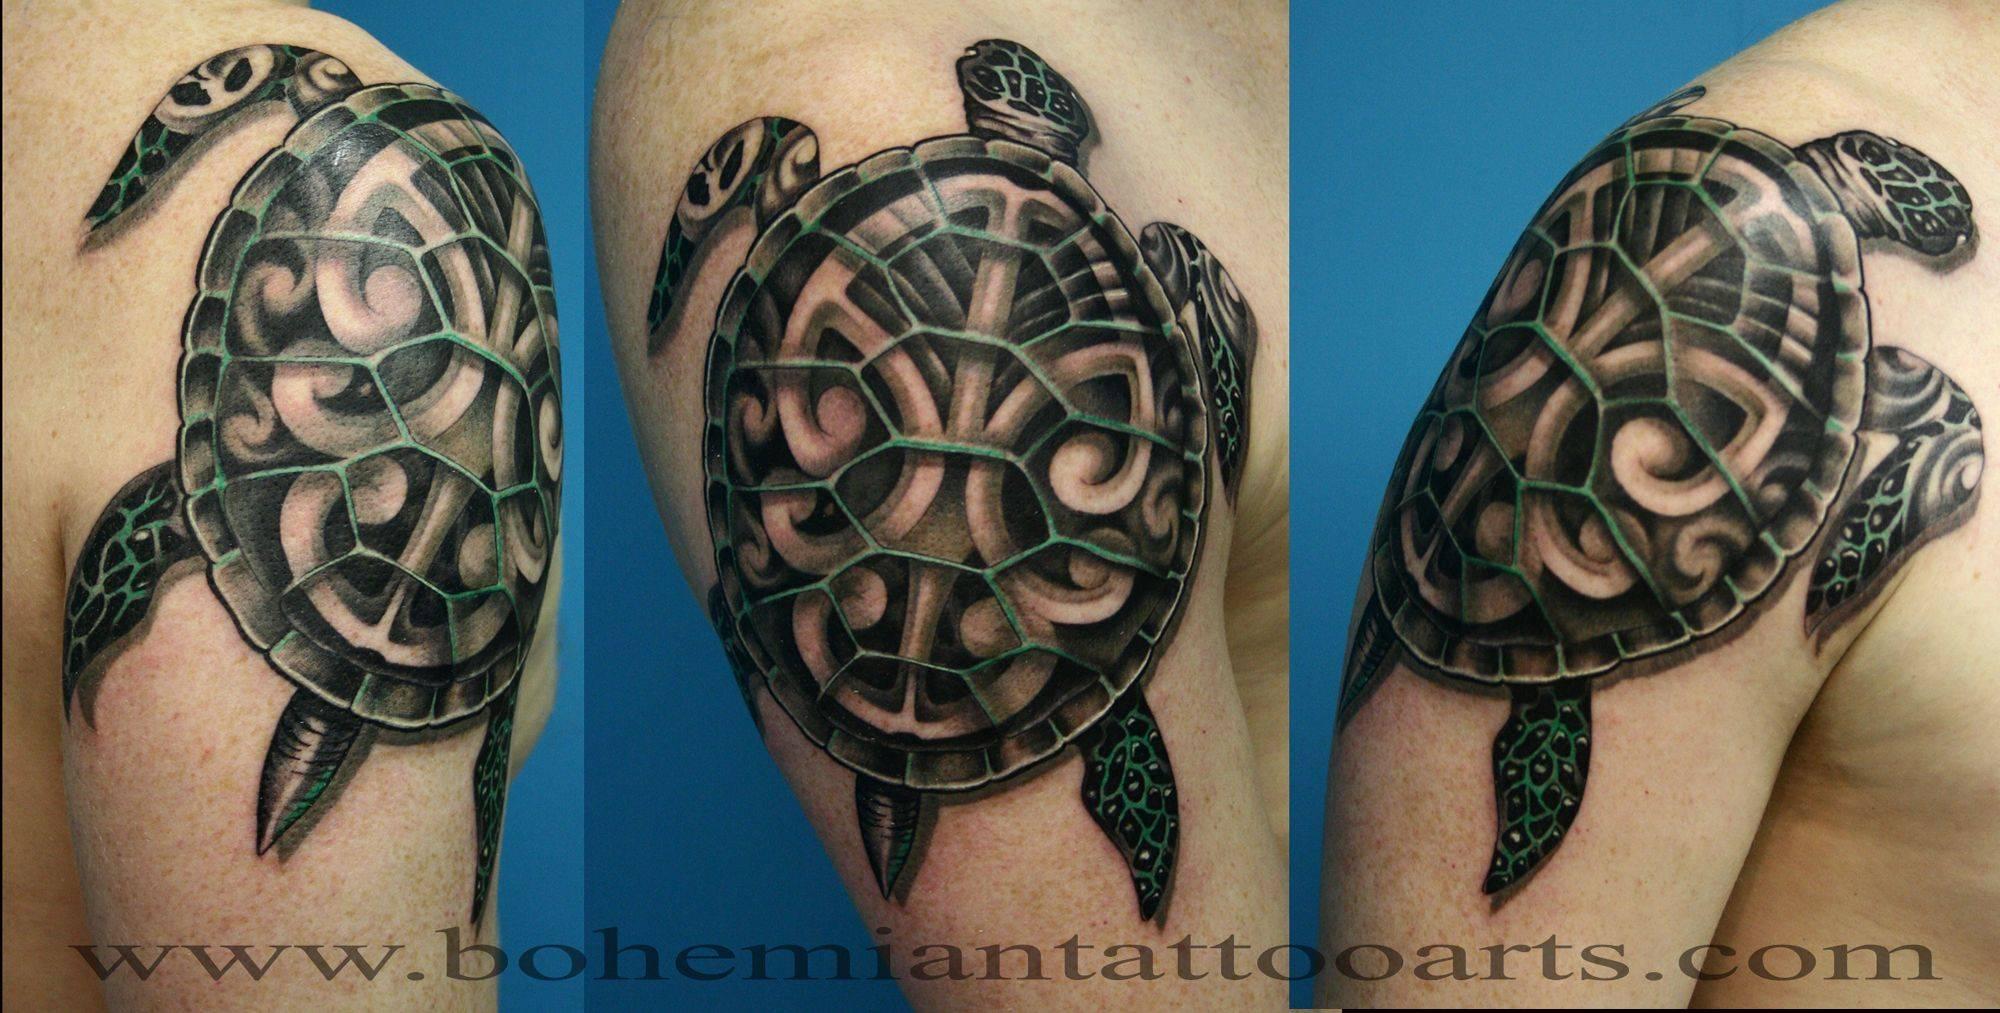 Символи тотем черепахи – тише едешь, дальше будешь